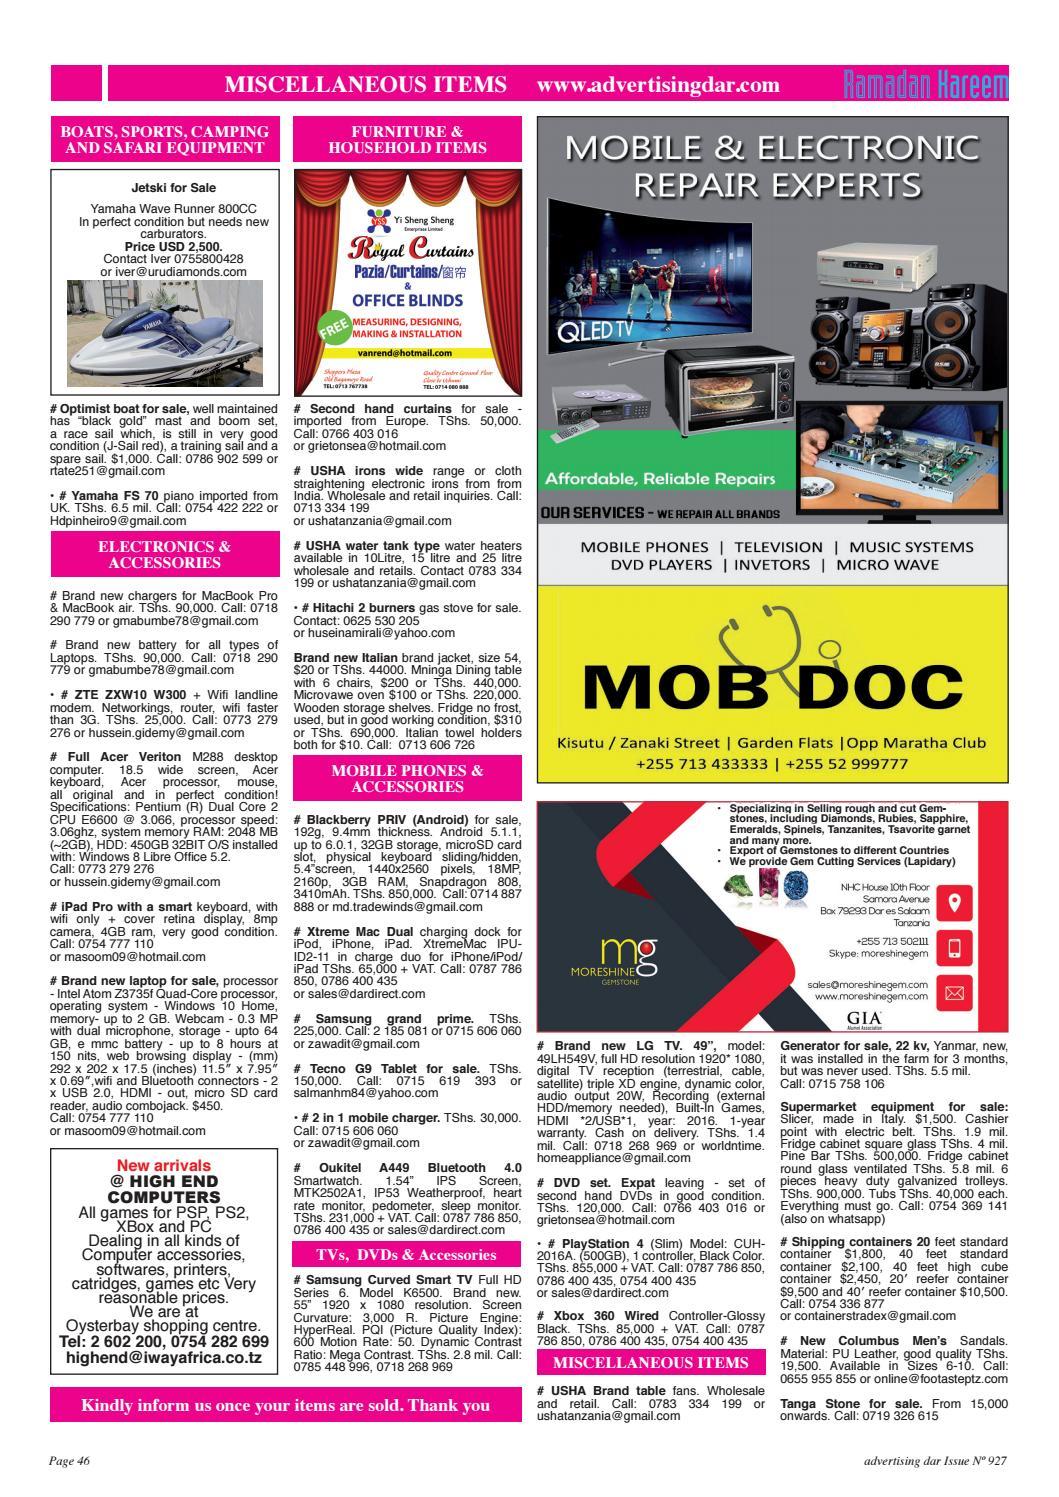 Advertising Dar Issue Nº 927 - 2nd June 2017